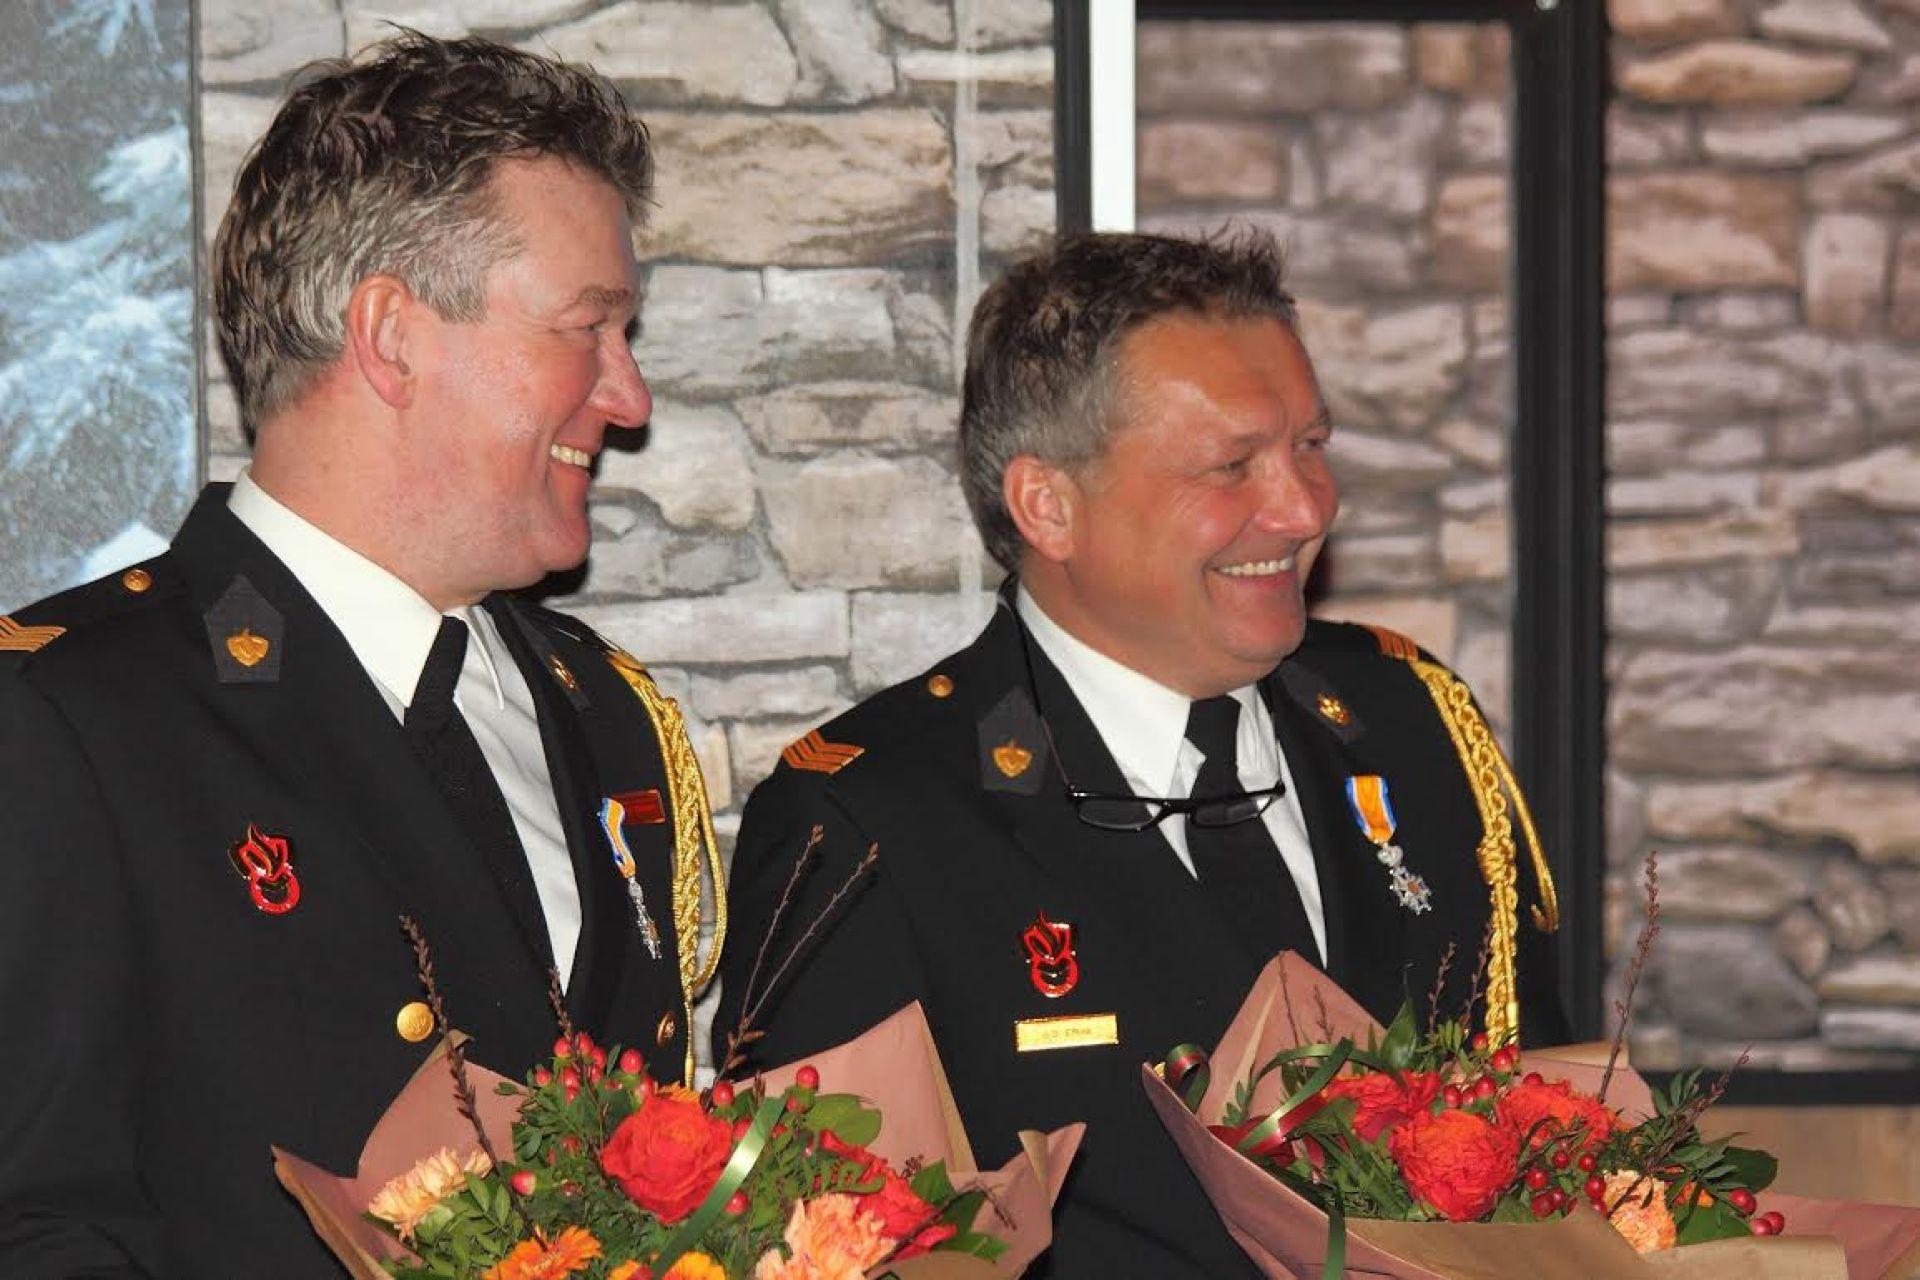 Deldense brandweerlieden ontvangen Koninklijke onderscheiding